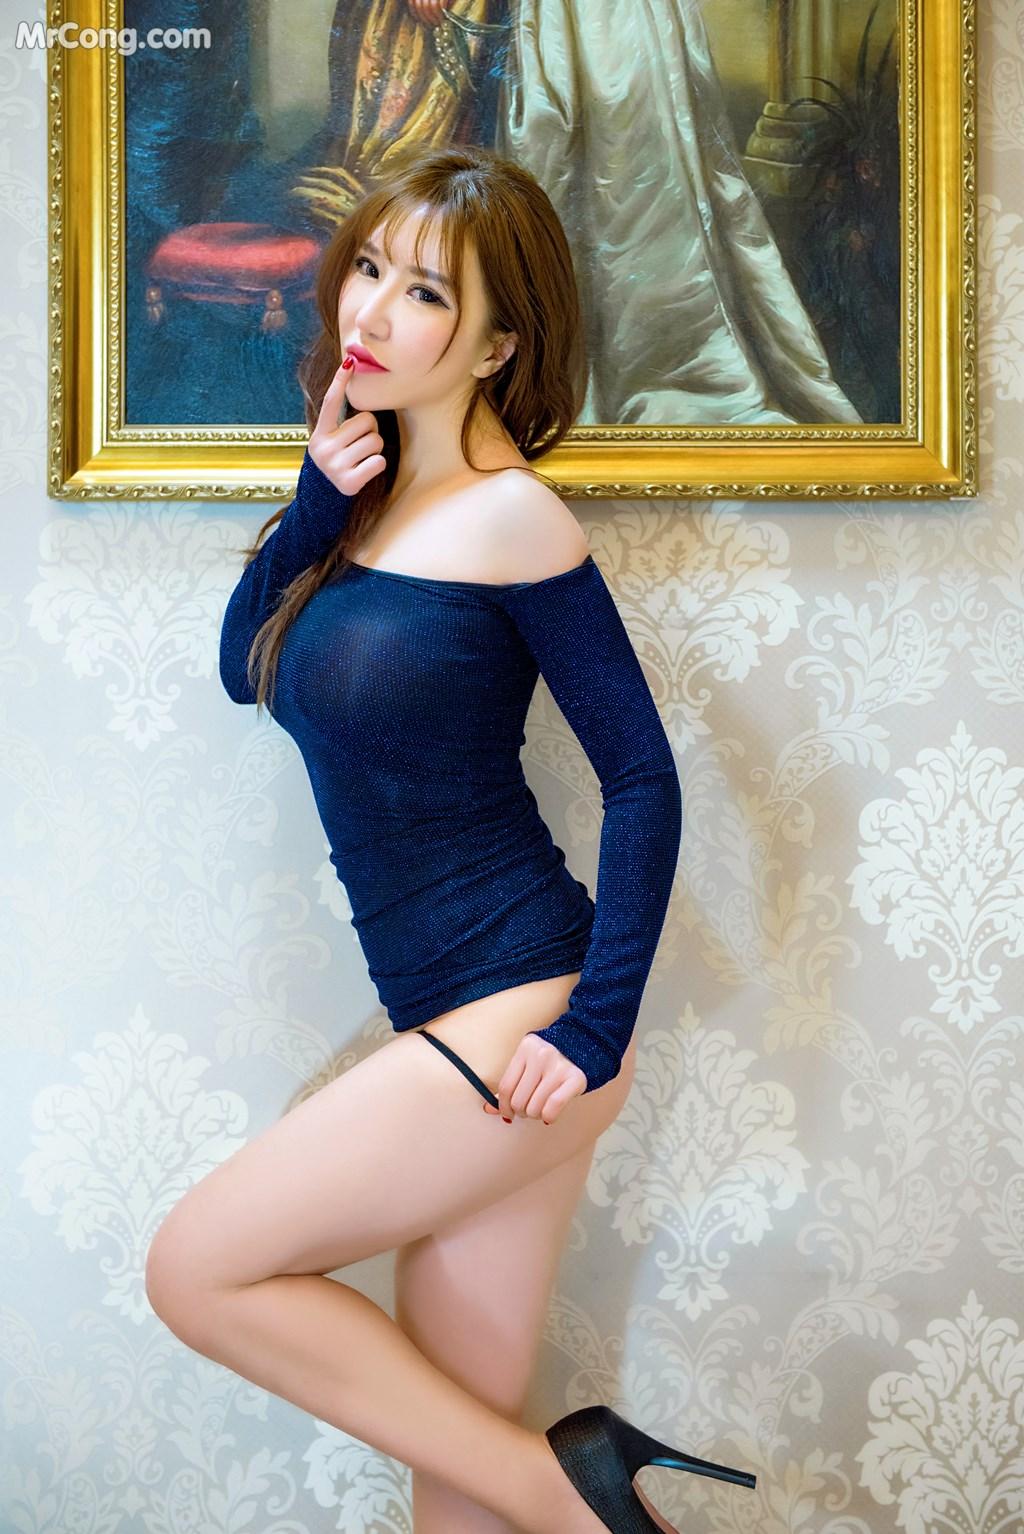 Image SLADY-2017-05-25-No.002-Han-Enxi-MrCong.com-002 in post SLADY 2017-05-25 No.002: Người mẫu Han Enxi (韩恩熙) (45 ảnh)